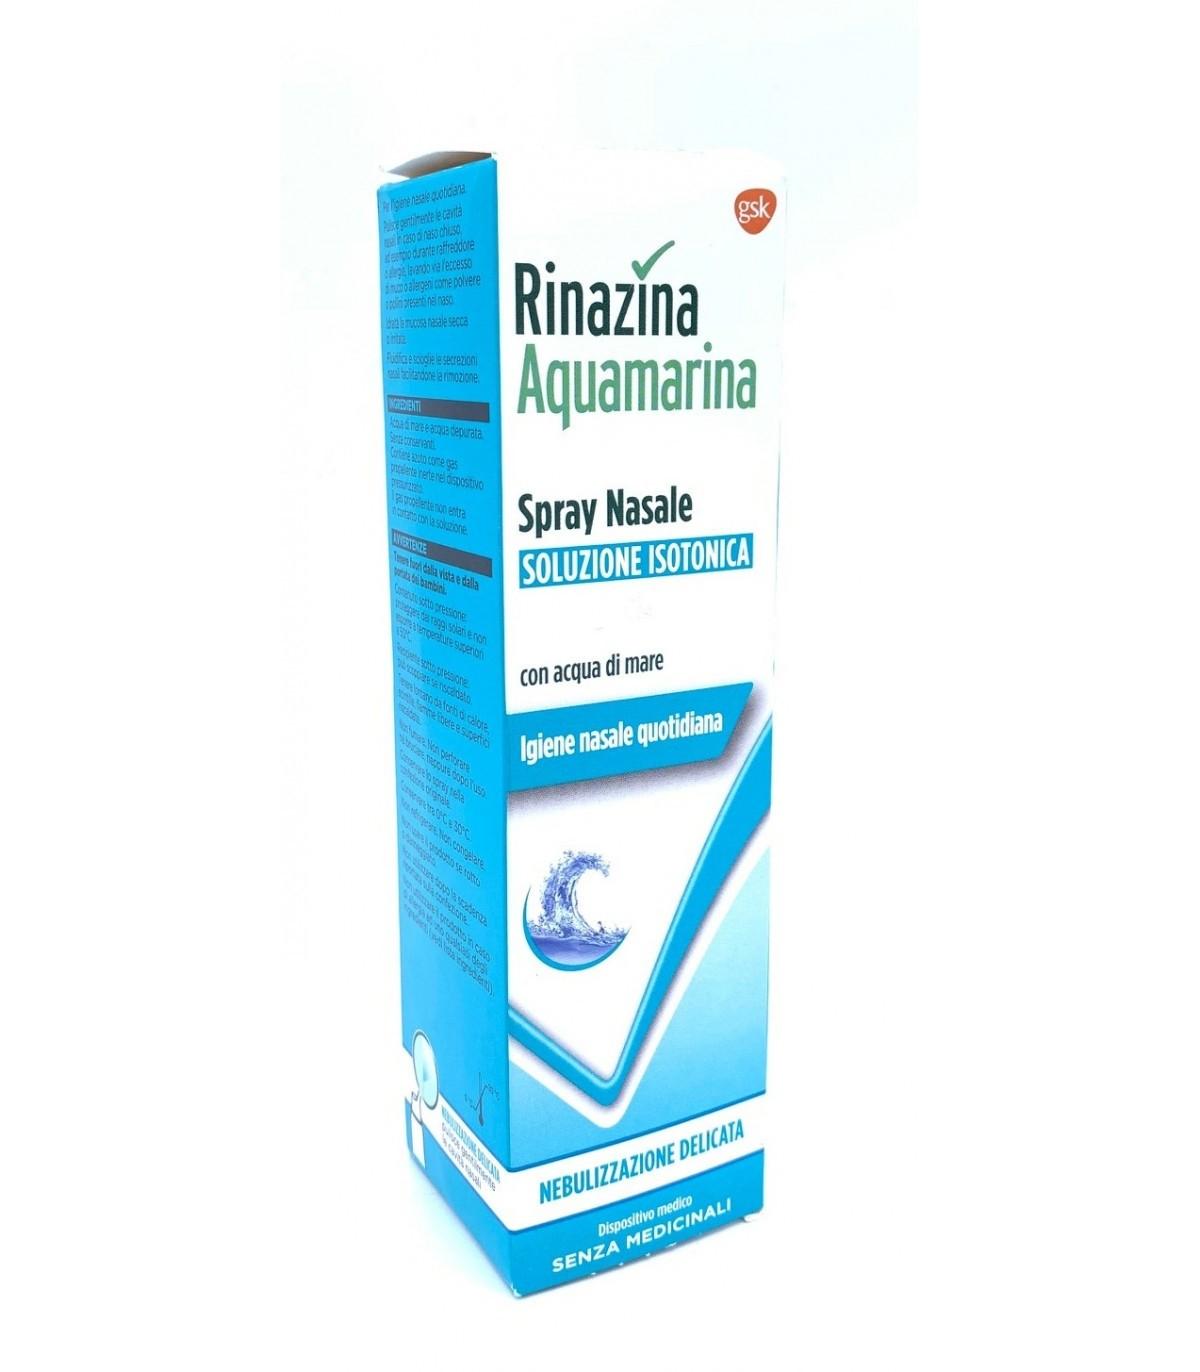 Rinazina Acquamarina Spray Nasale acqua di mare 100ml